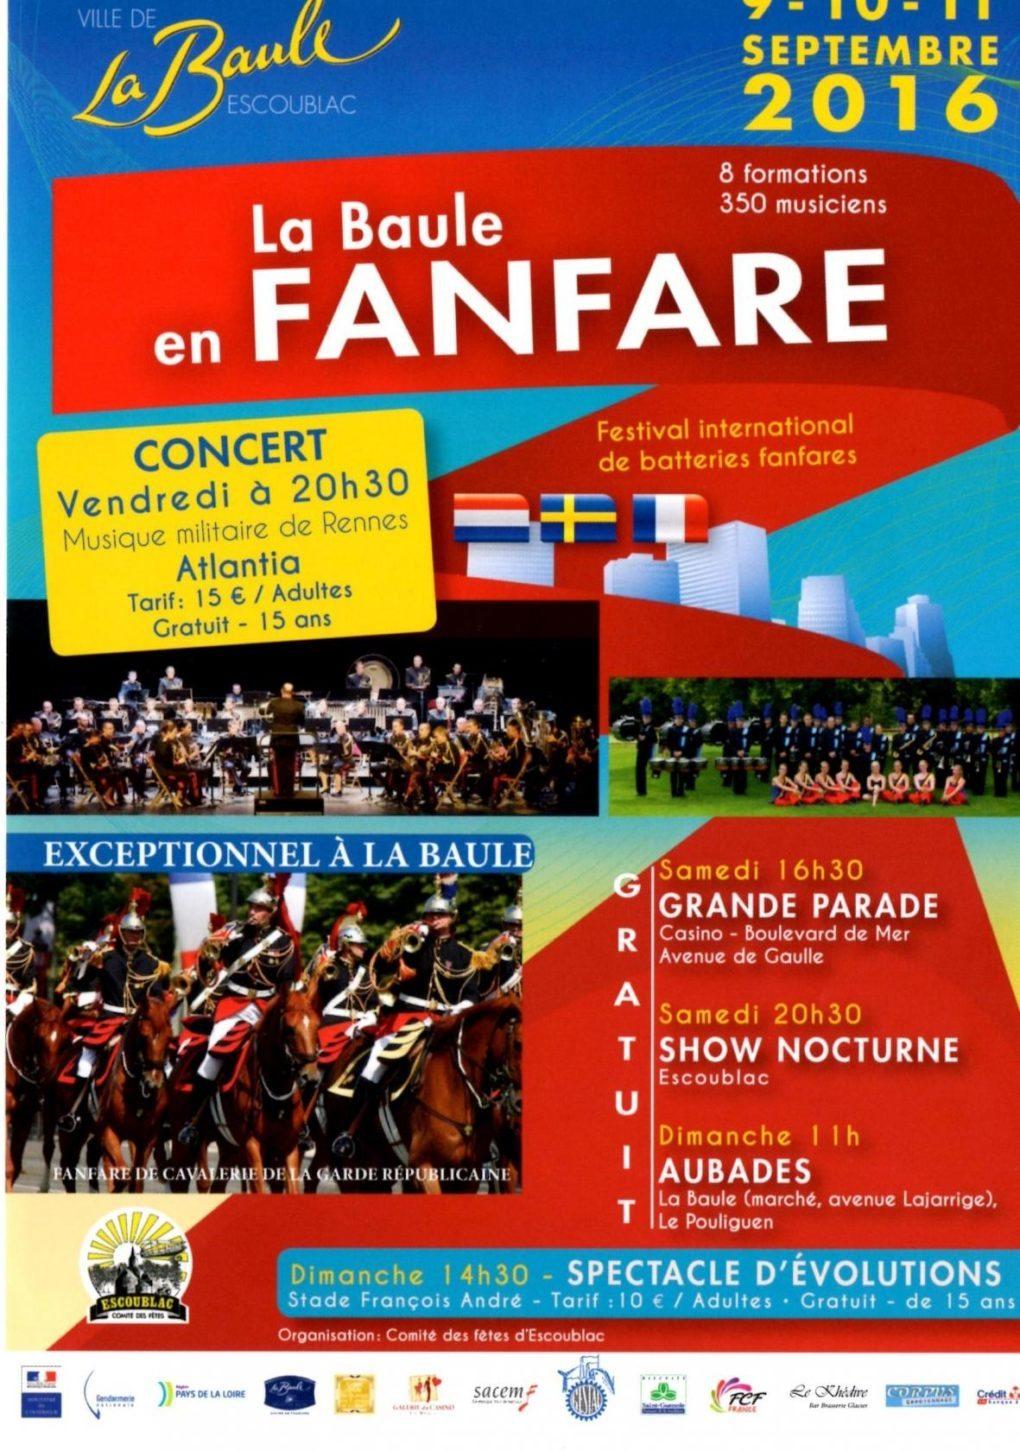 Festival international de batteries fanfares La Baule-Escoublac